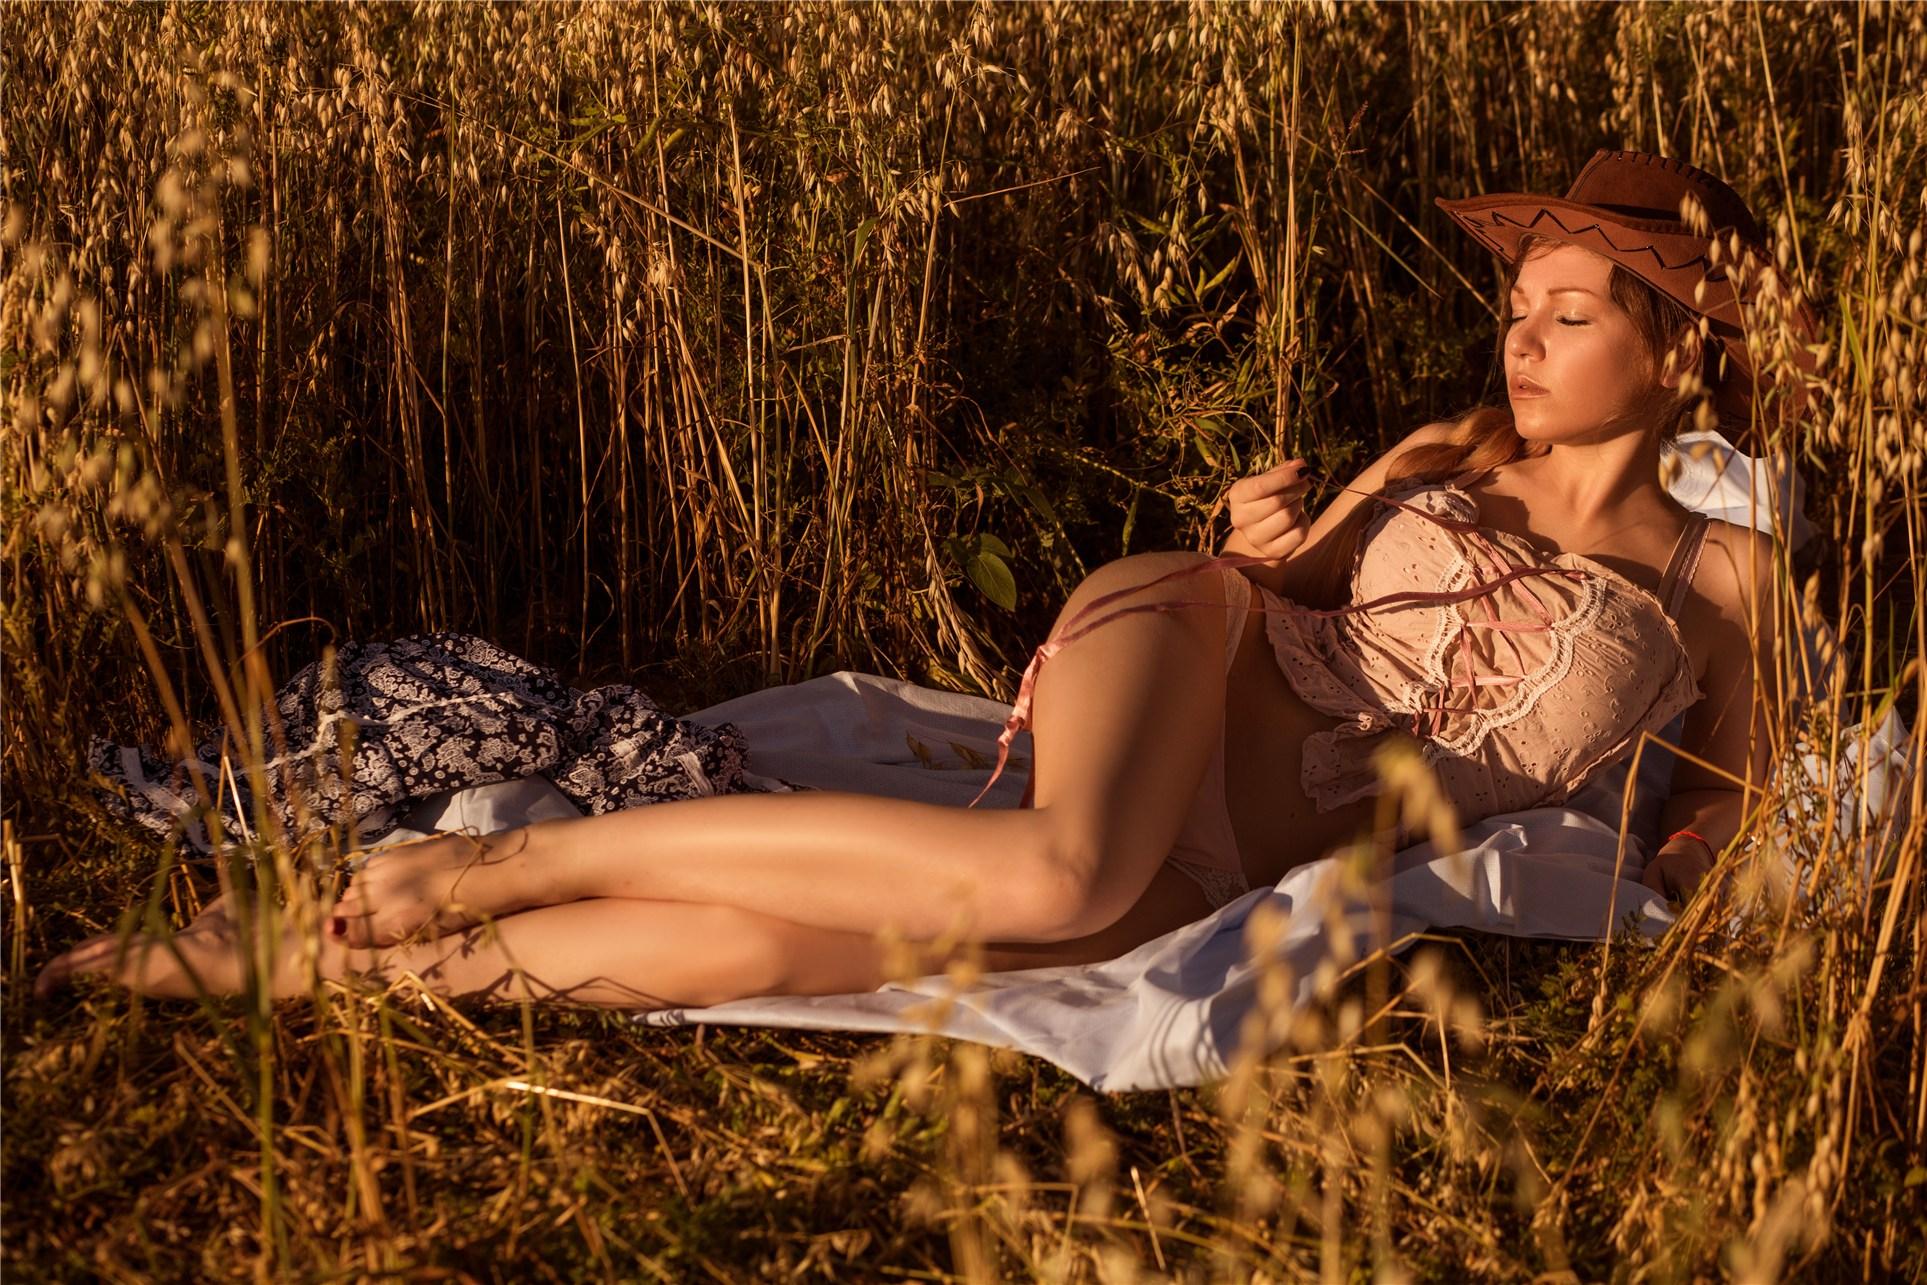 Мисс Марципанка / Tatiana Fedorishcheva by Nika Meln